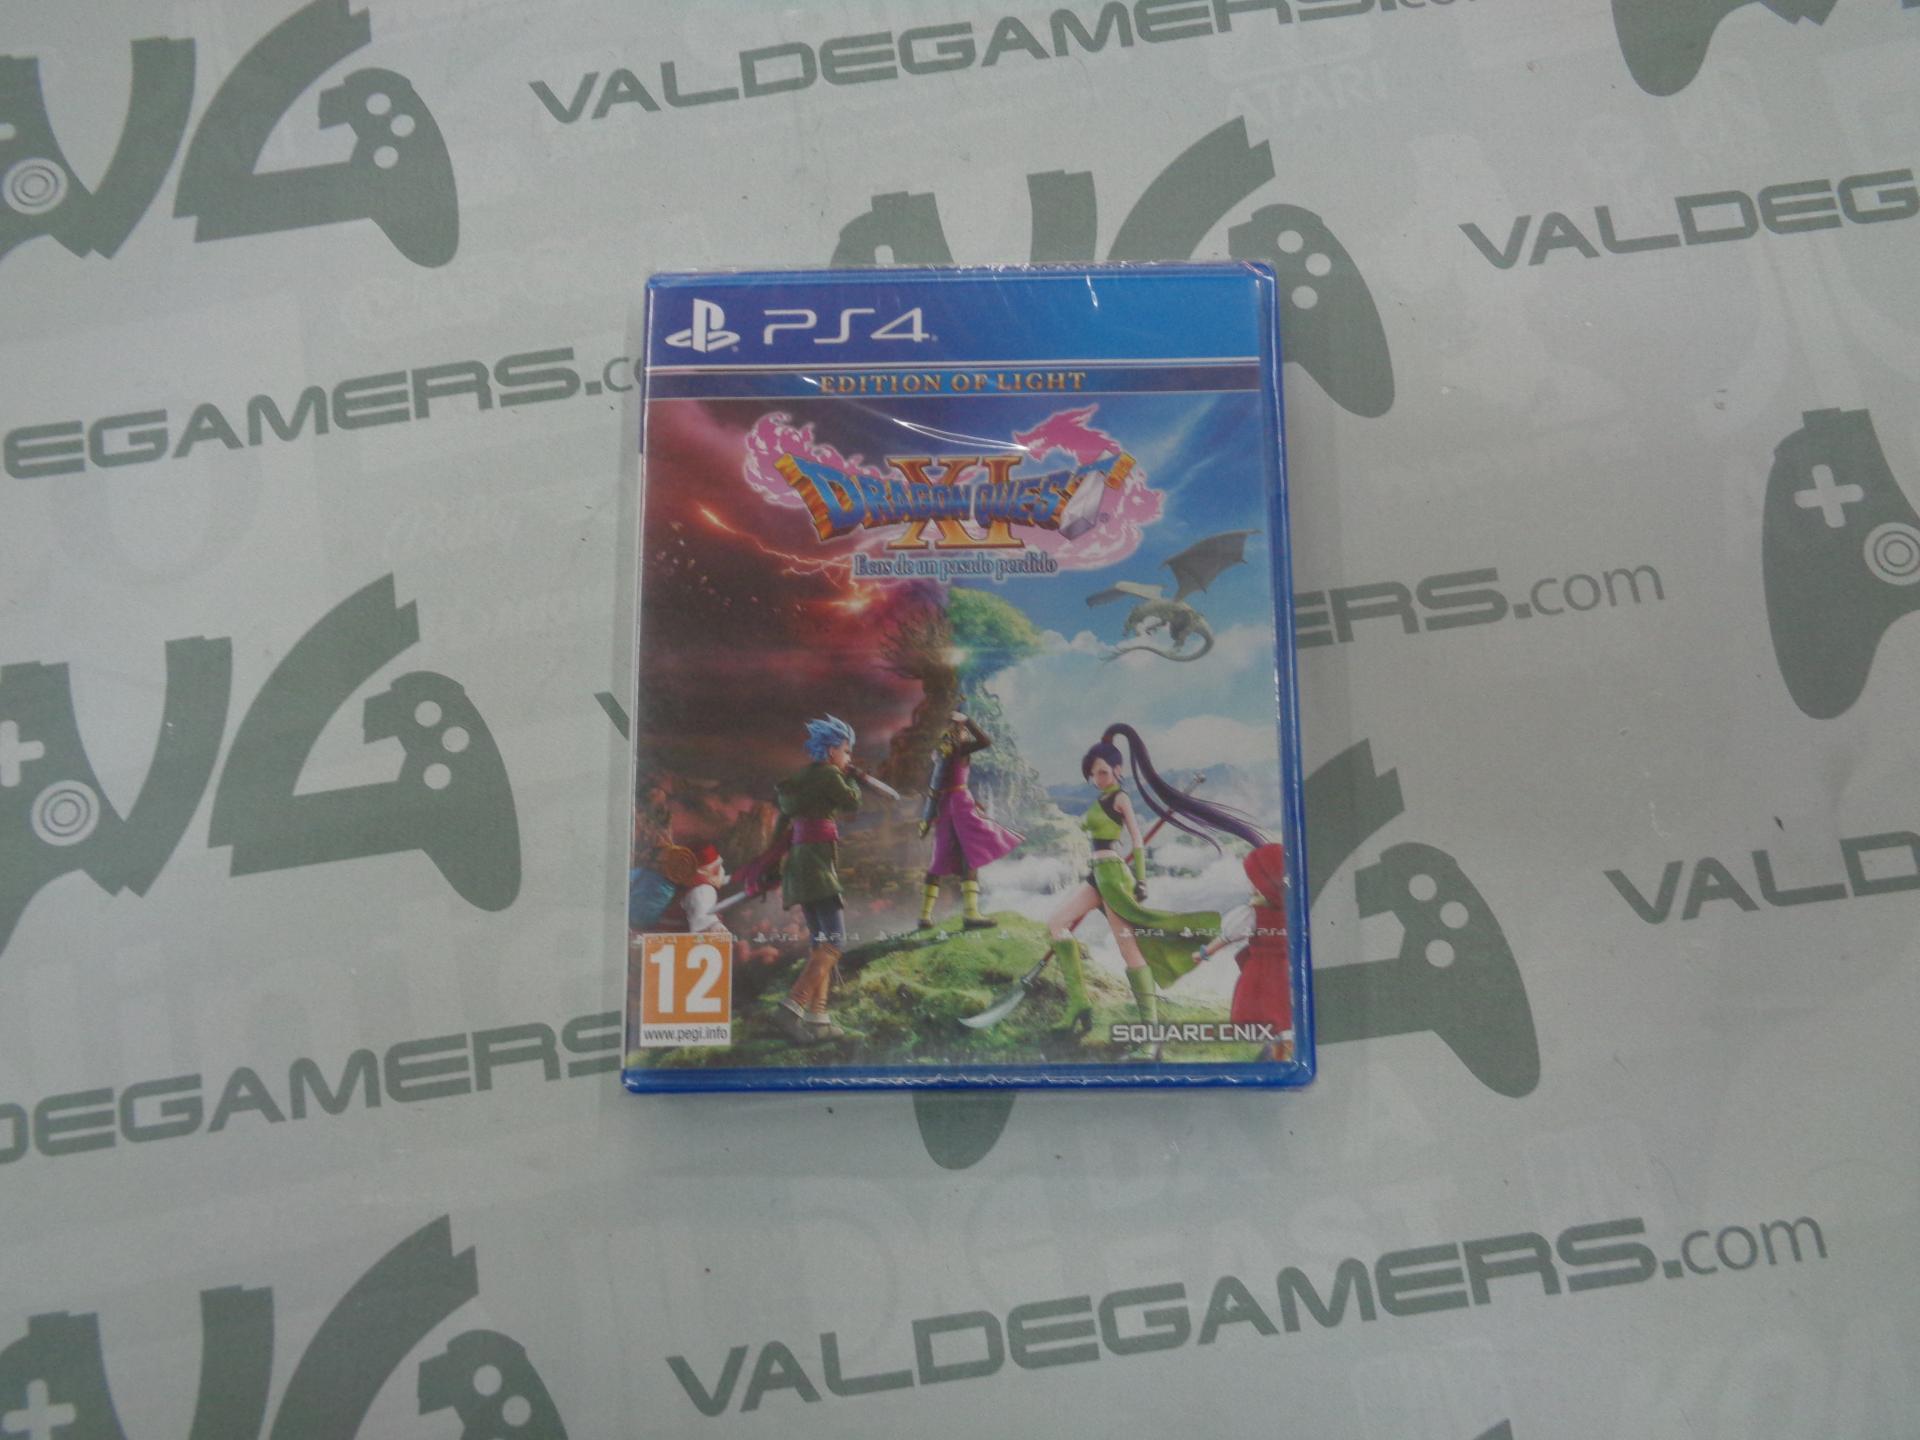 Dragon Quest XI : Ecos de un Pasado Perdido Edition of Light - NUEVO